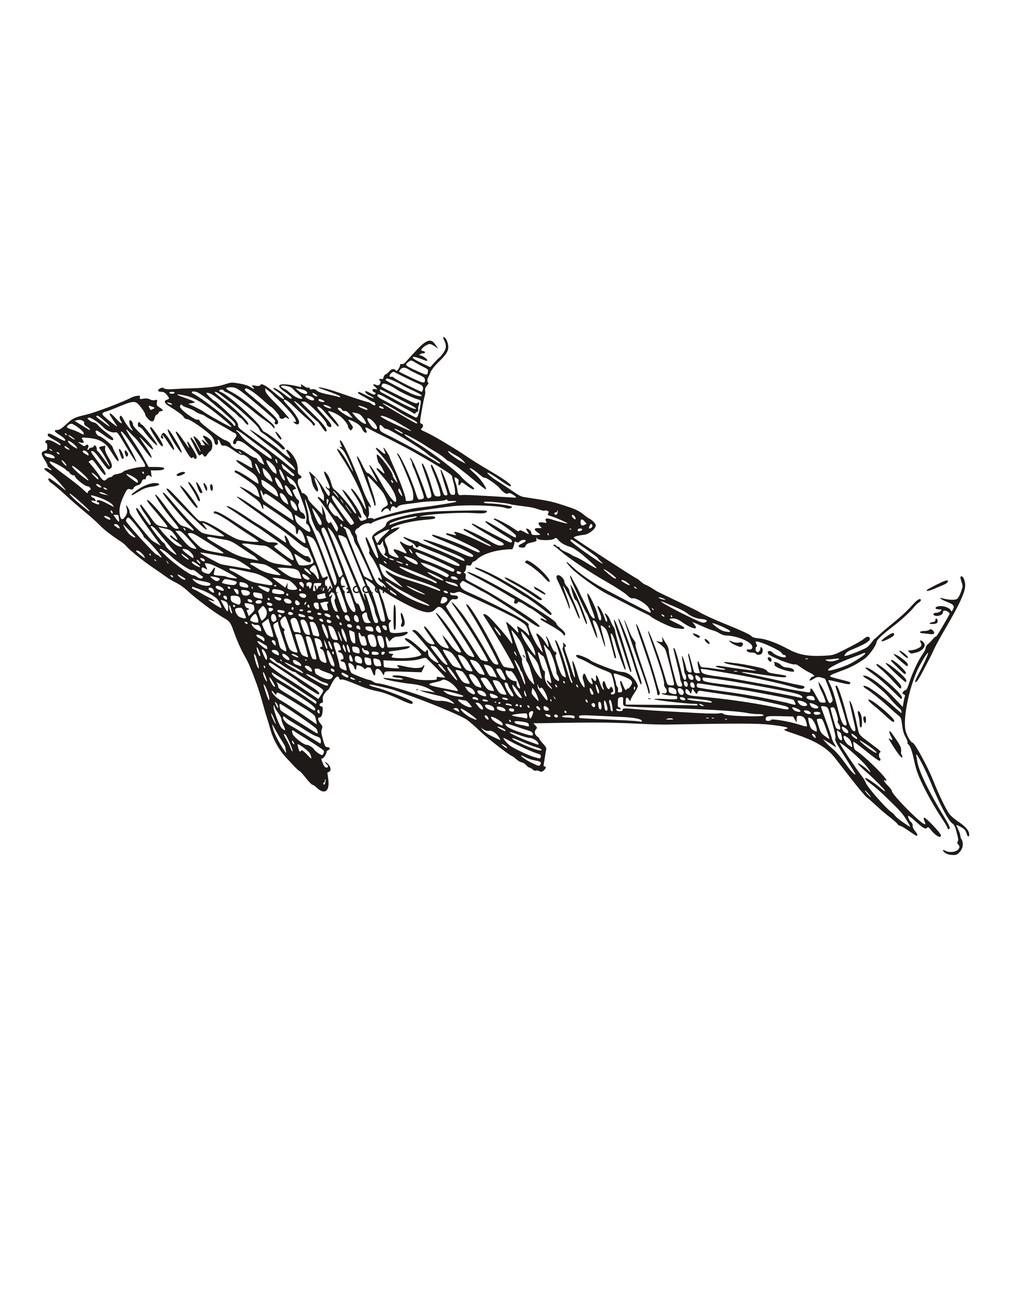 手绘鲨鱼简笔插画